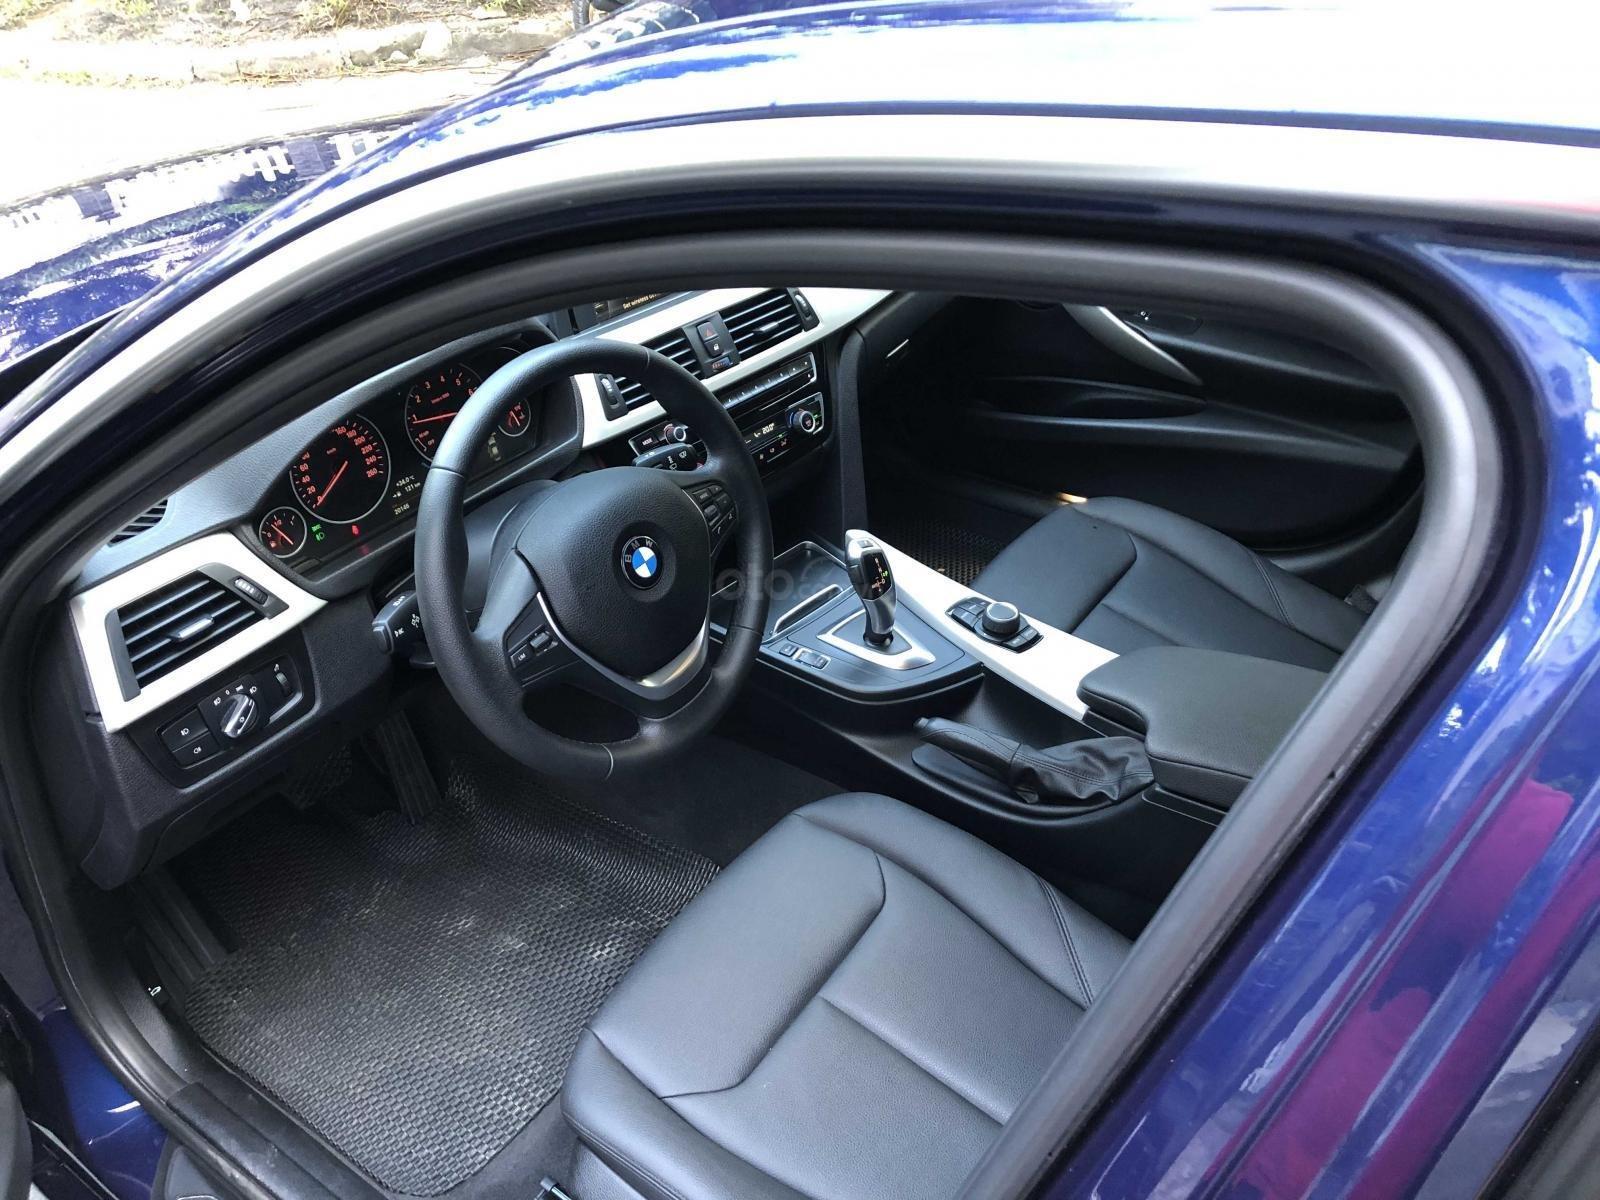 Bán BMW 3 Series năm 2016, màu xanh lam mới 95% giá chỉ 1 tỷ 139 triệu đồng (16)